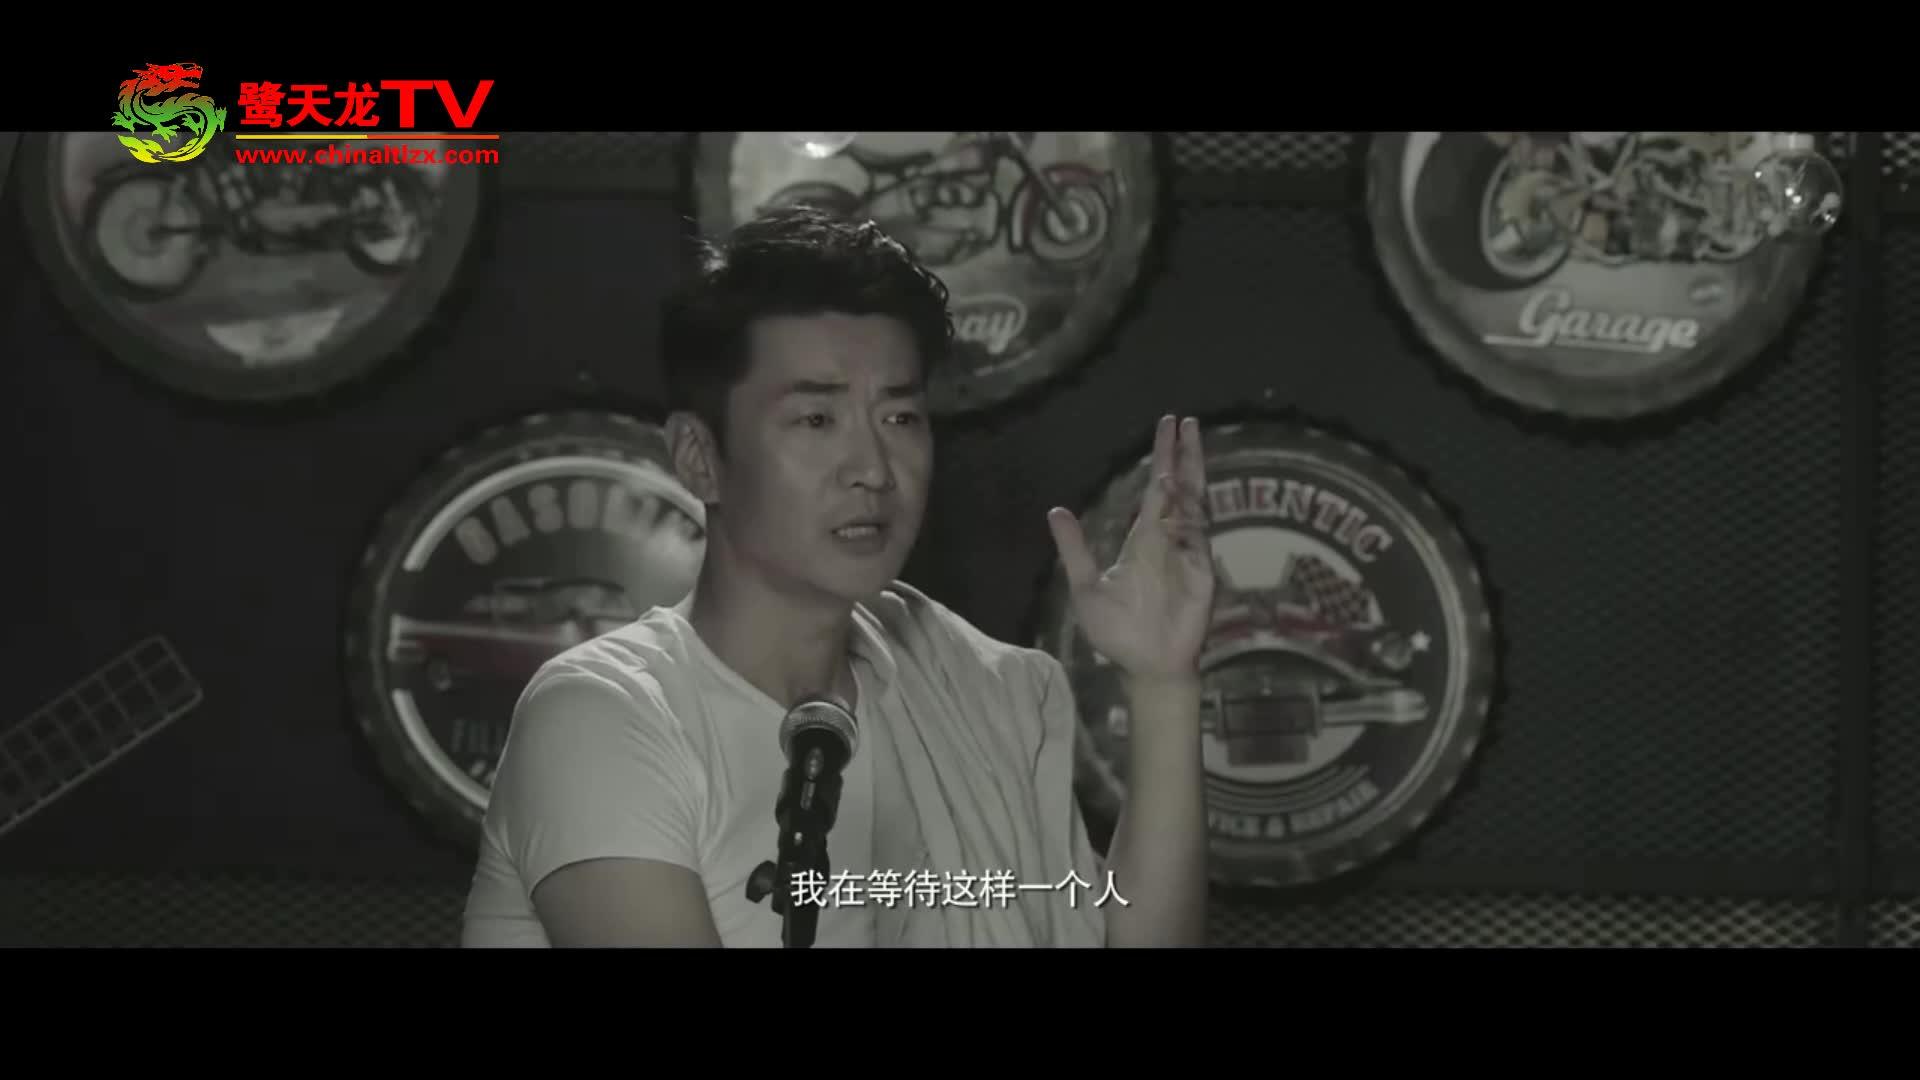 《爱情邮局》插曲MV 导演:对话心灵回归爱情本心